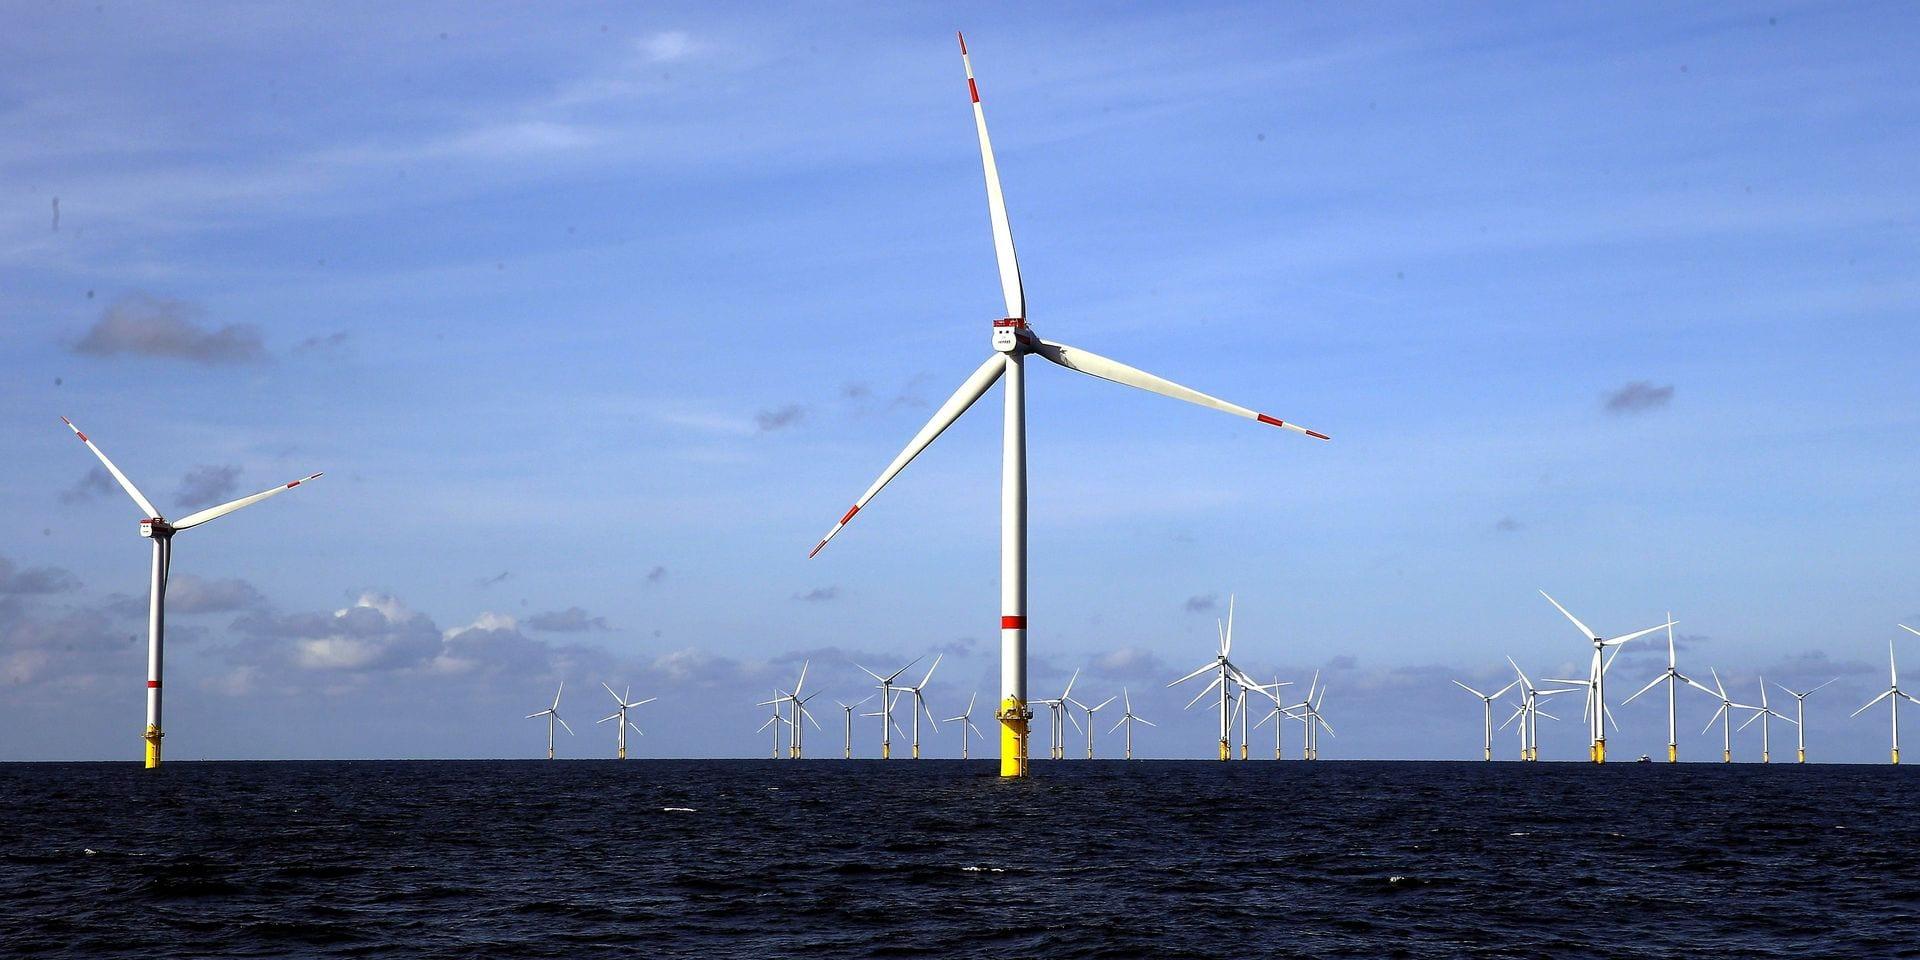 Les éoliennes réduisent les émissions de gaz à effet de serre mais contribuent au réchauffement à la surface de la Terre